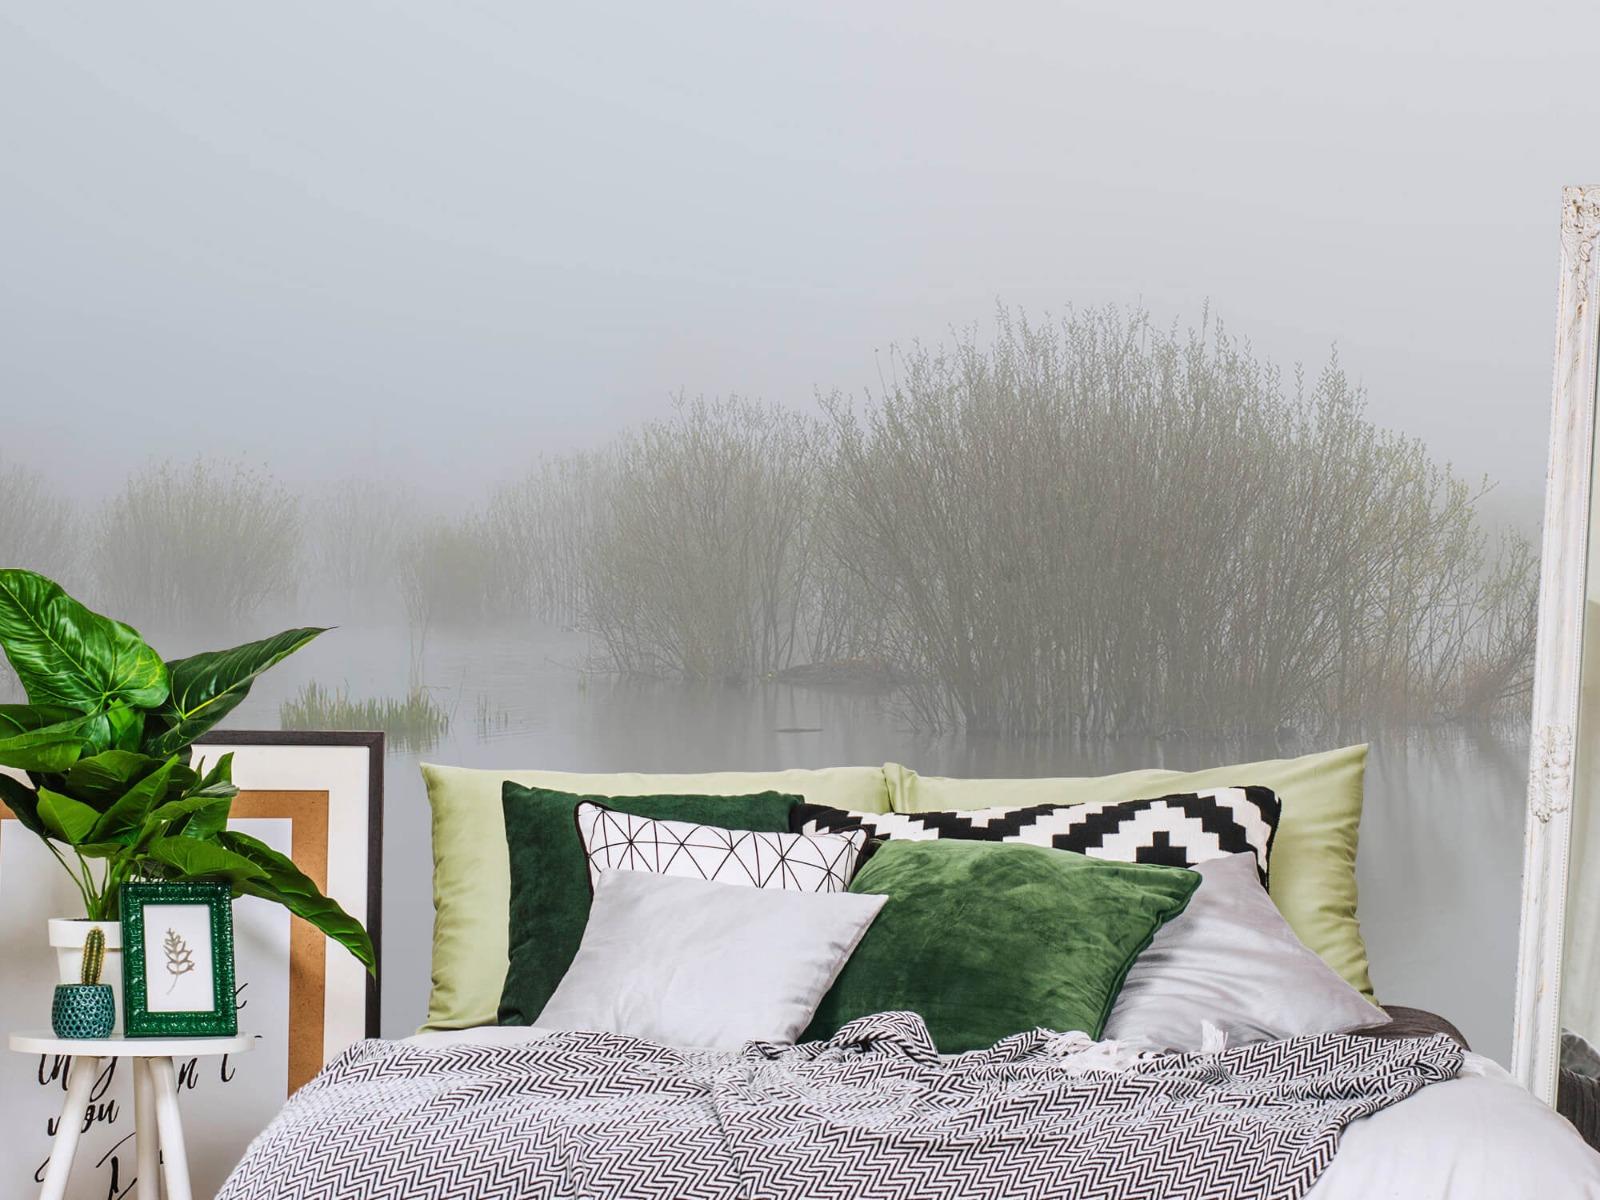 Landschap - Mist in natuurgebied - Slaapkamer 13